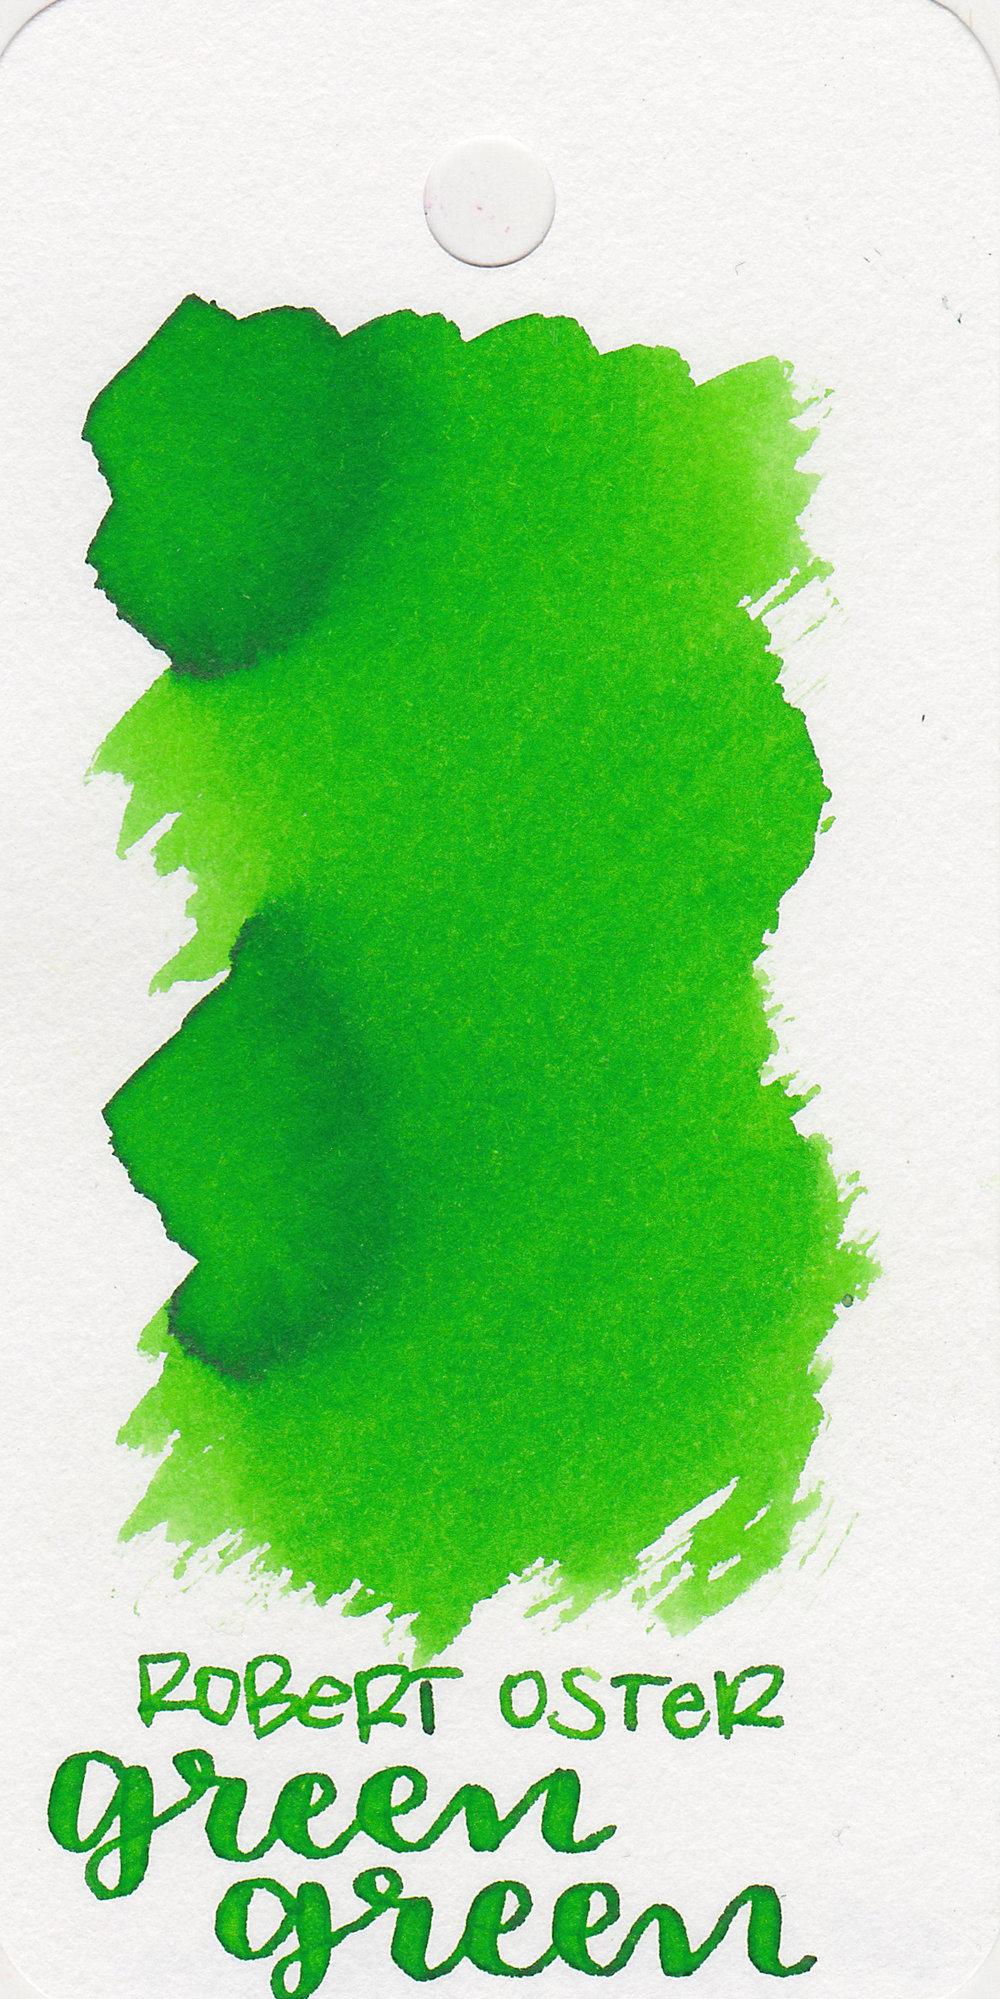 ro-green-green-1.jpg